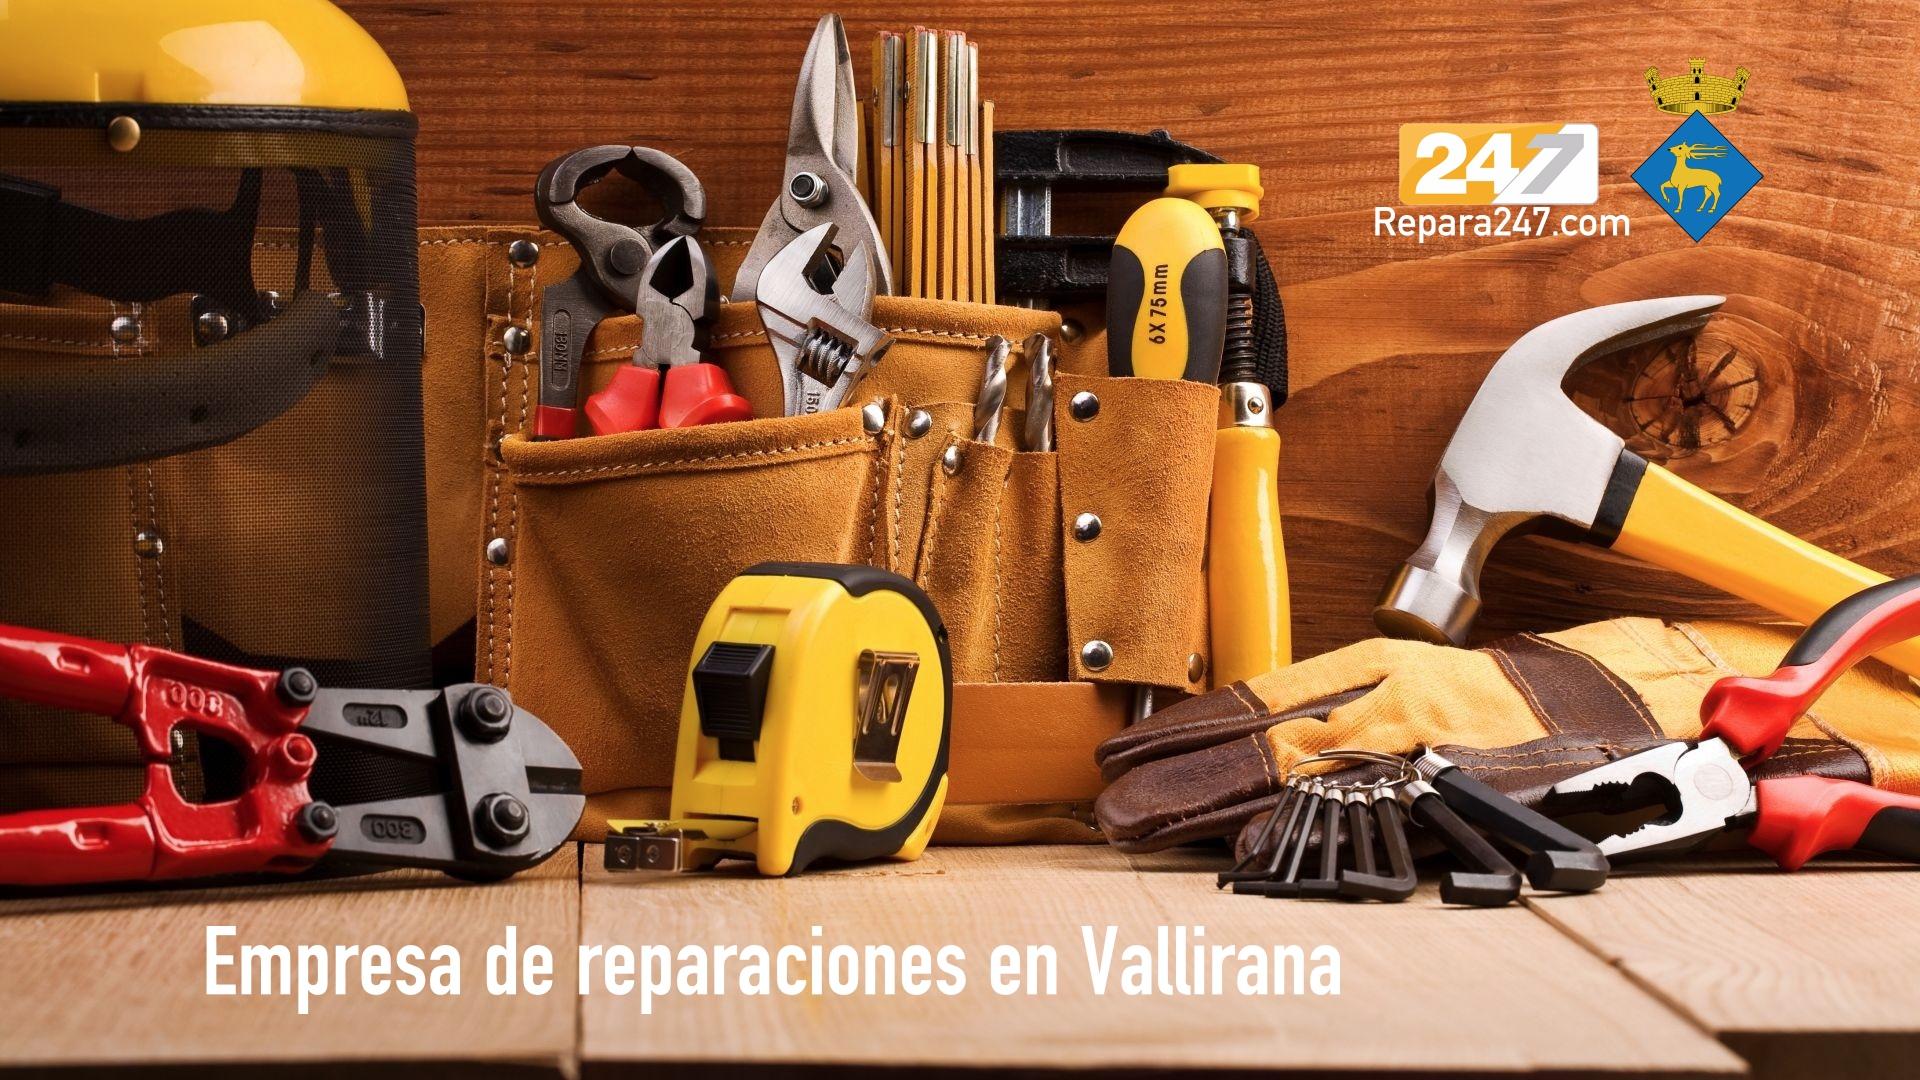 Empresa de reparaciones en Vallirana